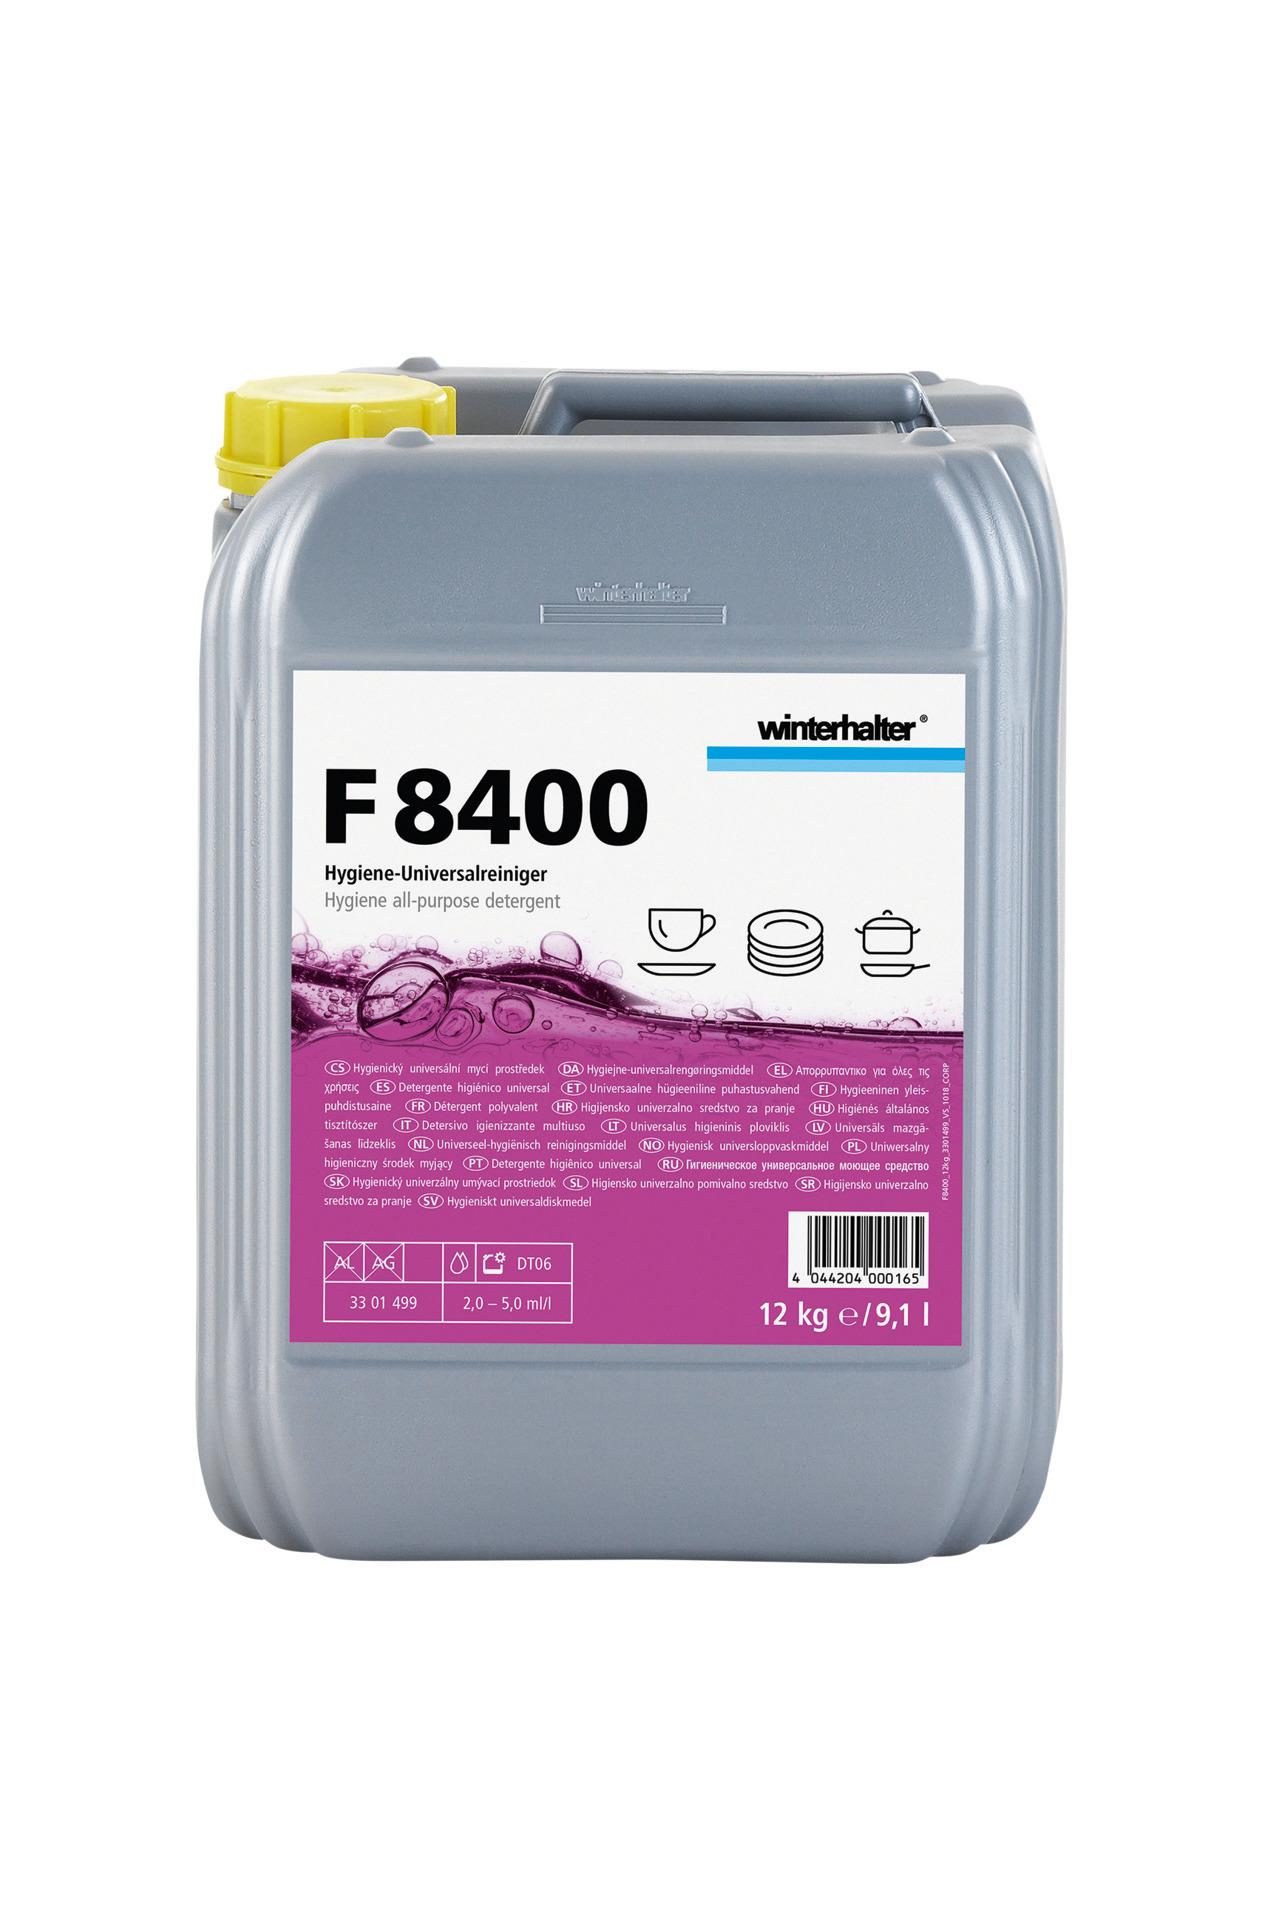 Hygiene-Universalreiniger F 8400 / 12,00 kg Kanister